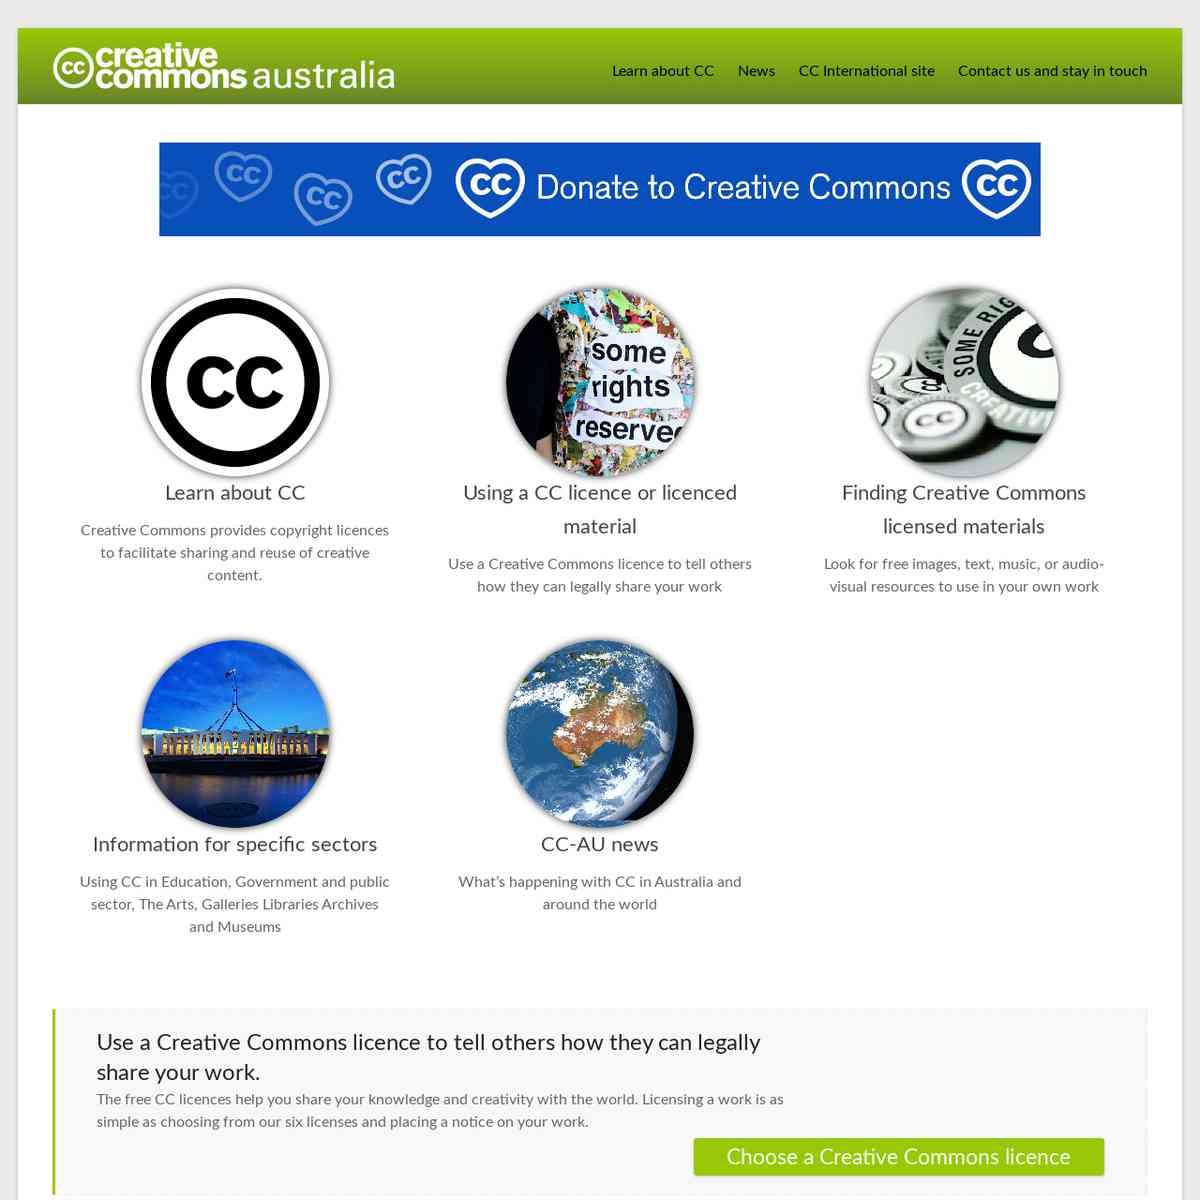 02.4 Creative Commons Australia